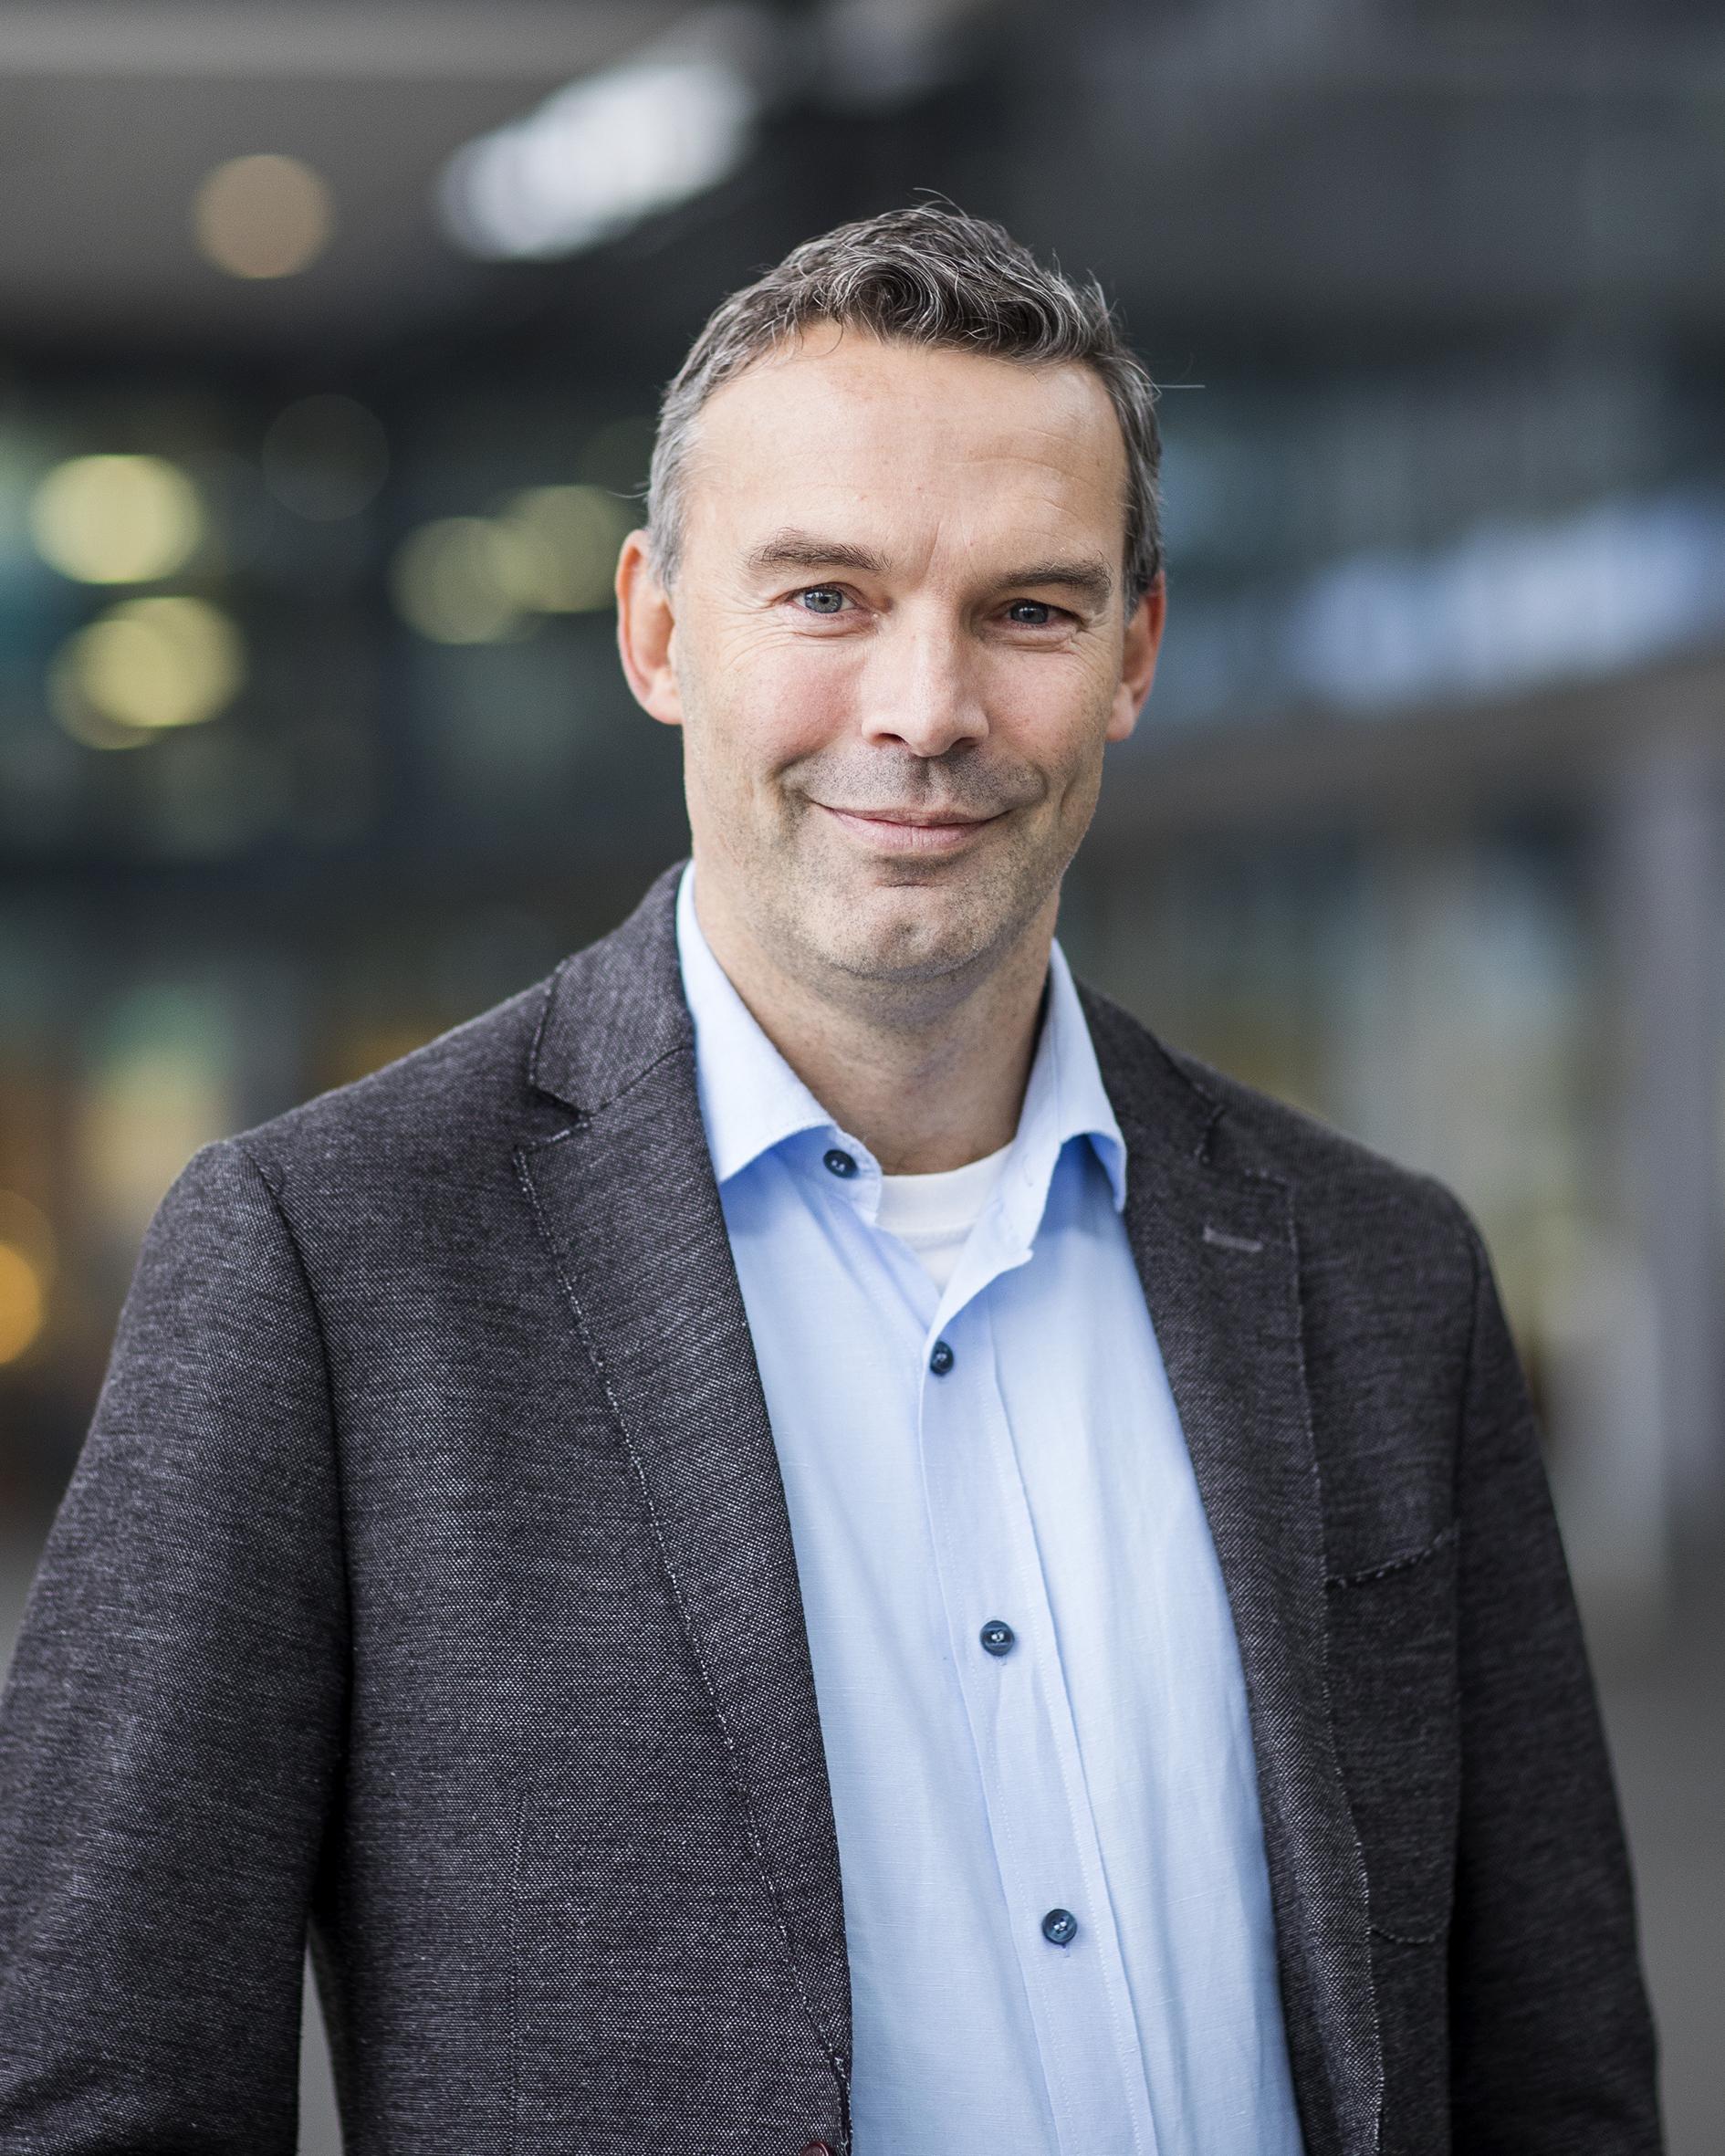 Doelder, prof.dr.ir. C.F.J. den  PDEng